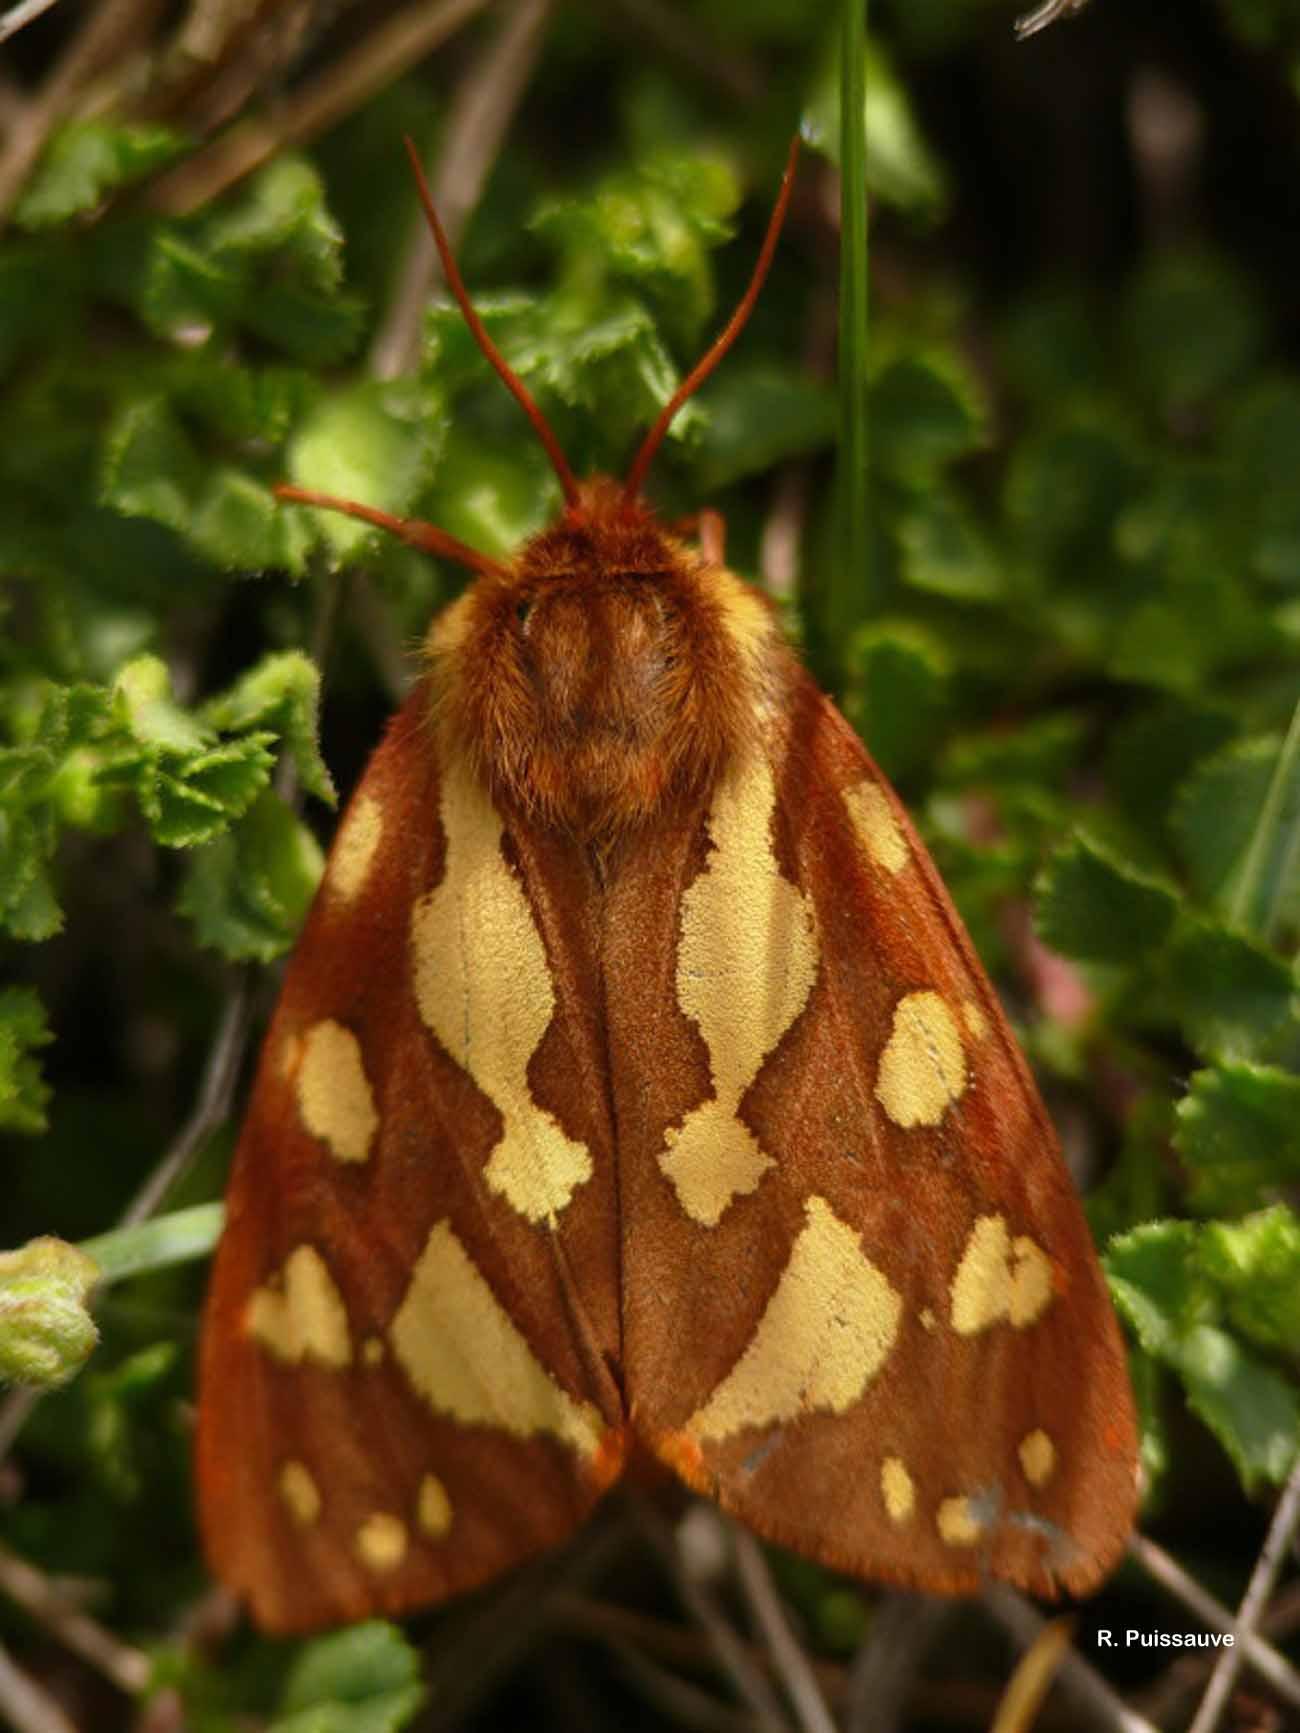 Hyphoraia testudinaria